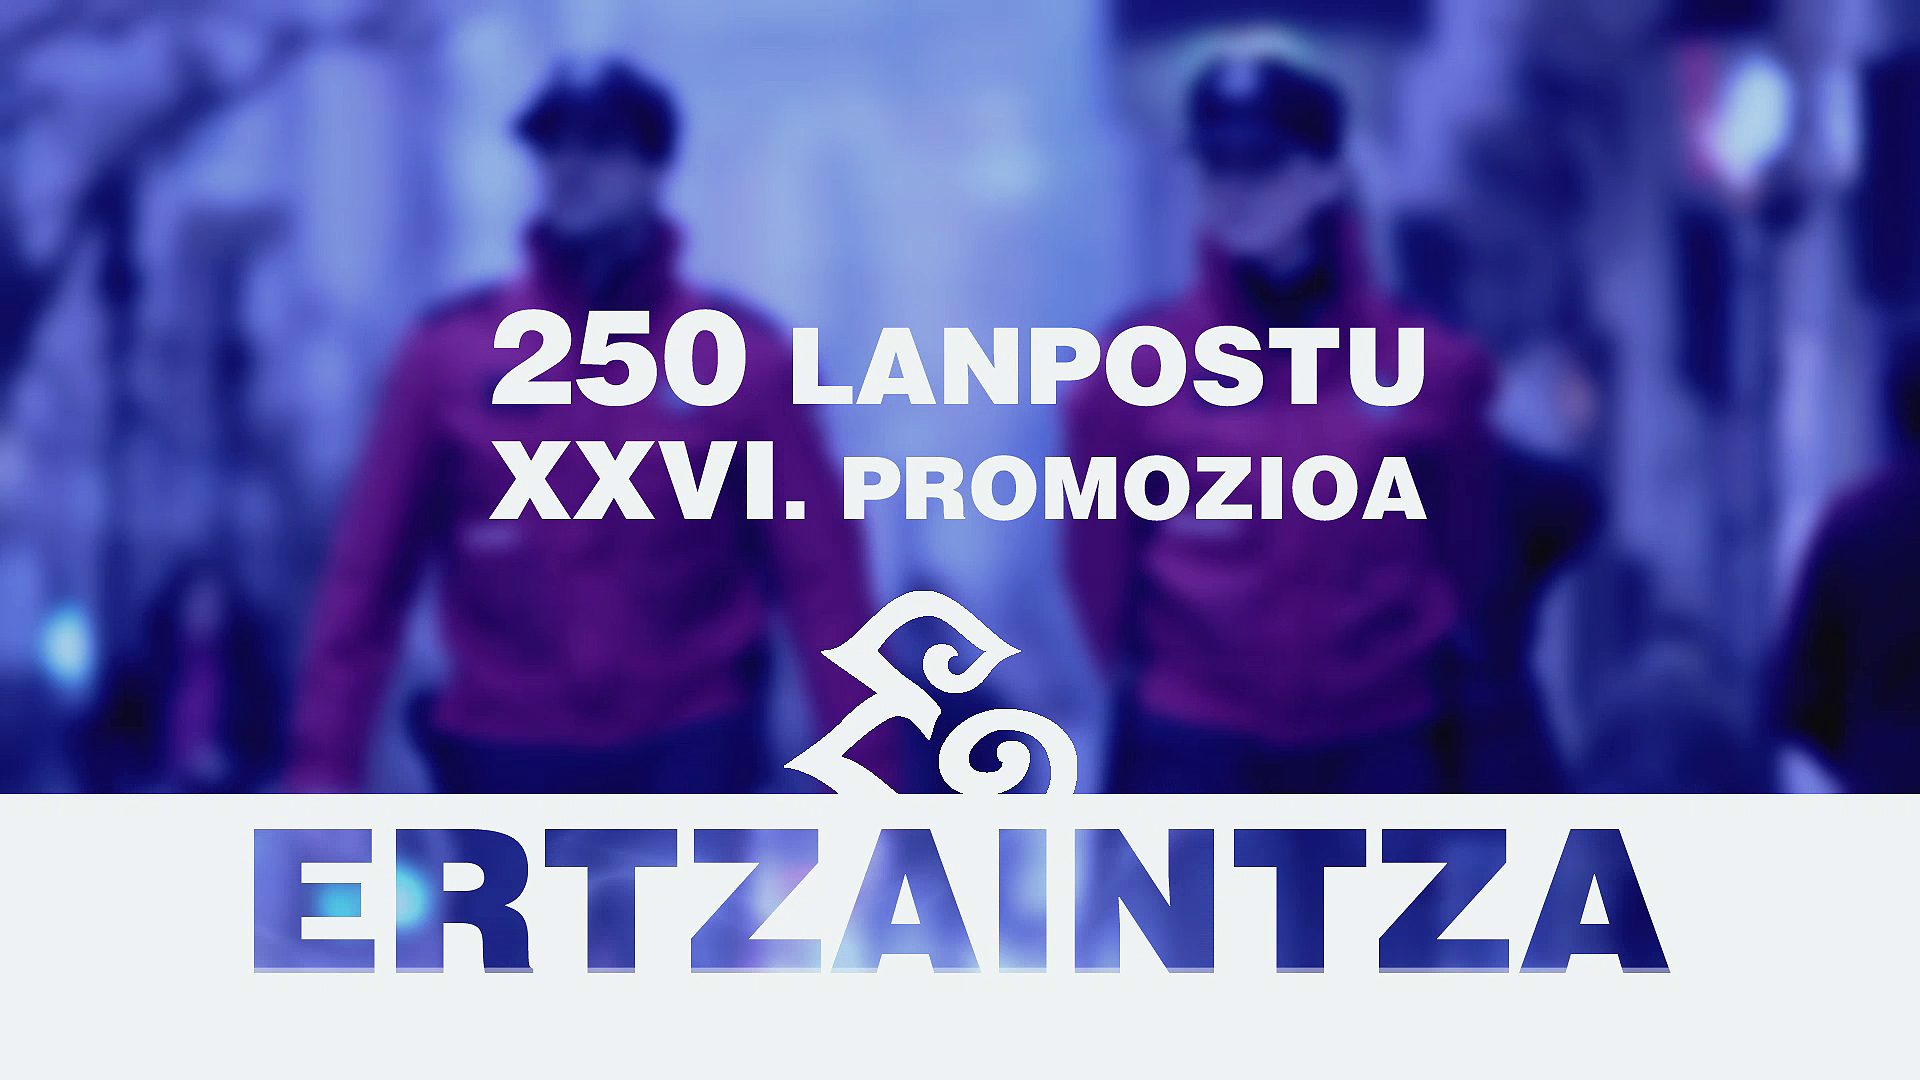 spot_ertzaintzaren_xxvi_promozioa_eu.jpg